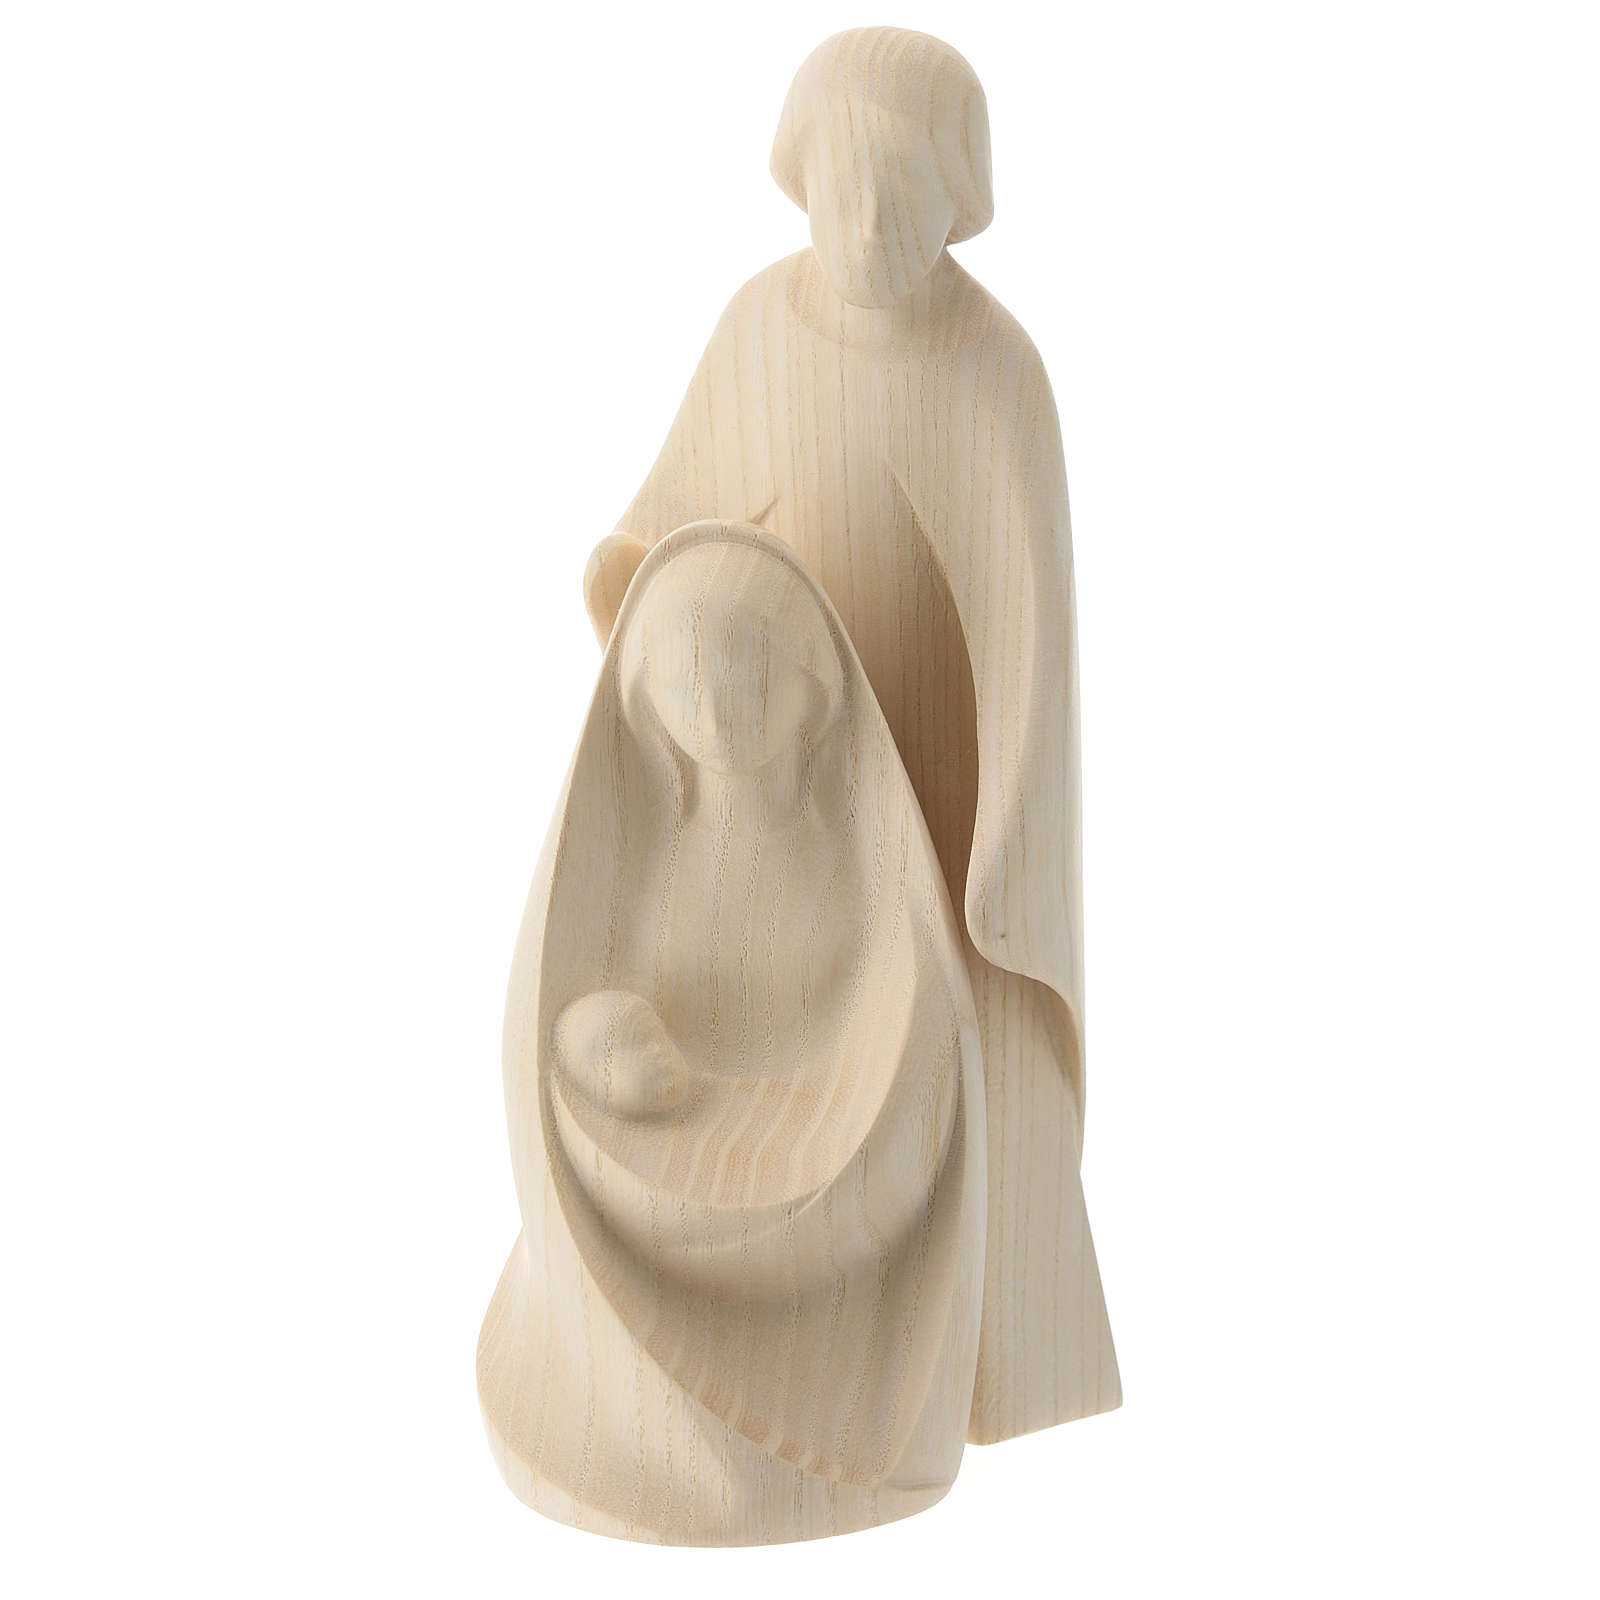 Natività La gioia due pezzi legno frassino legno naturale Valgardena 3